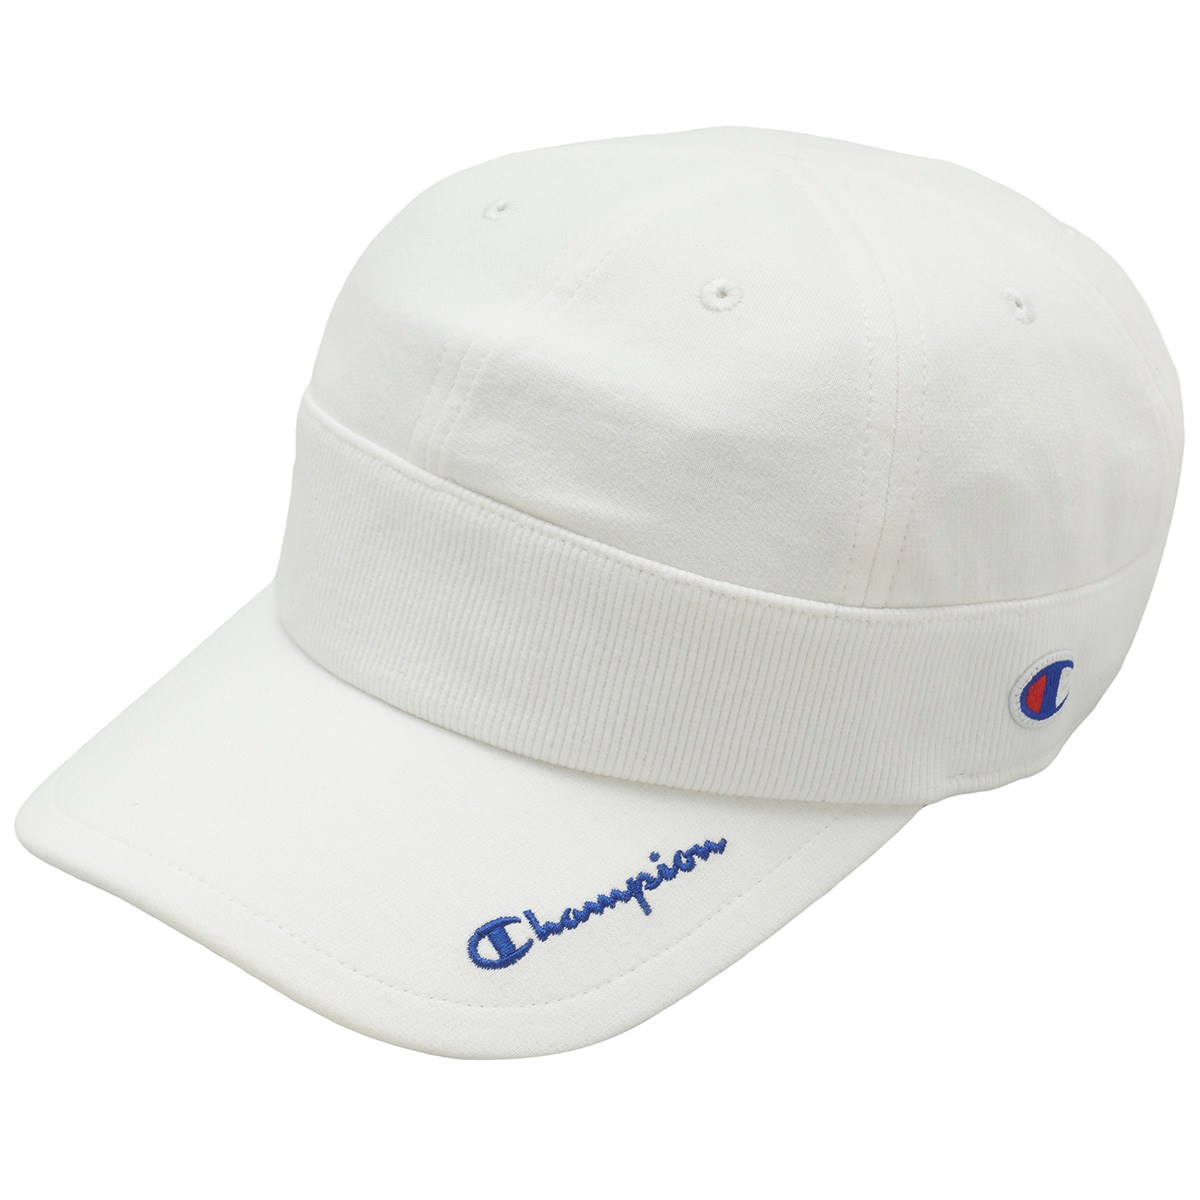 チャンピオンゴルフ Champion GOLF スウェットキャップ フリー オフホワイト 020